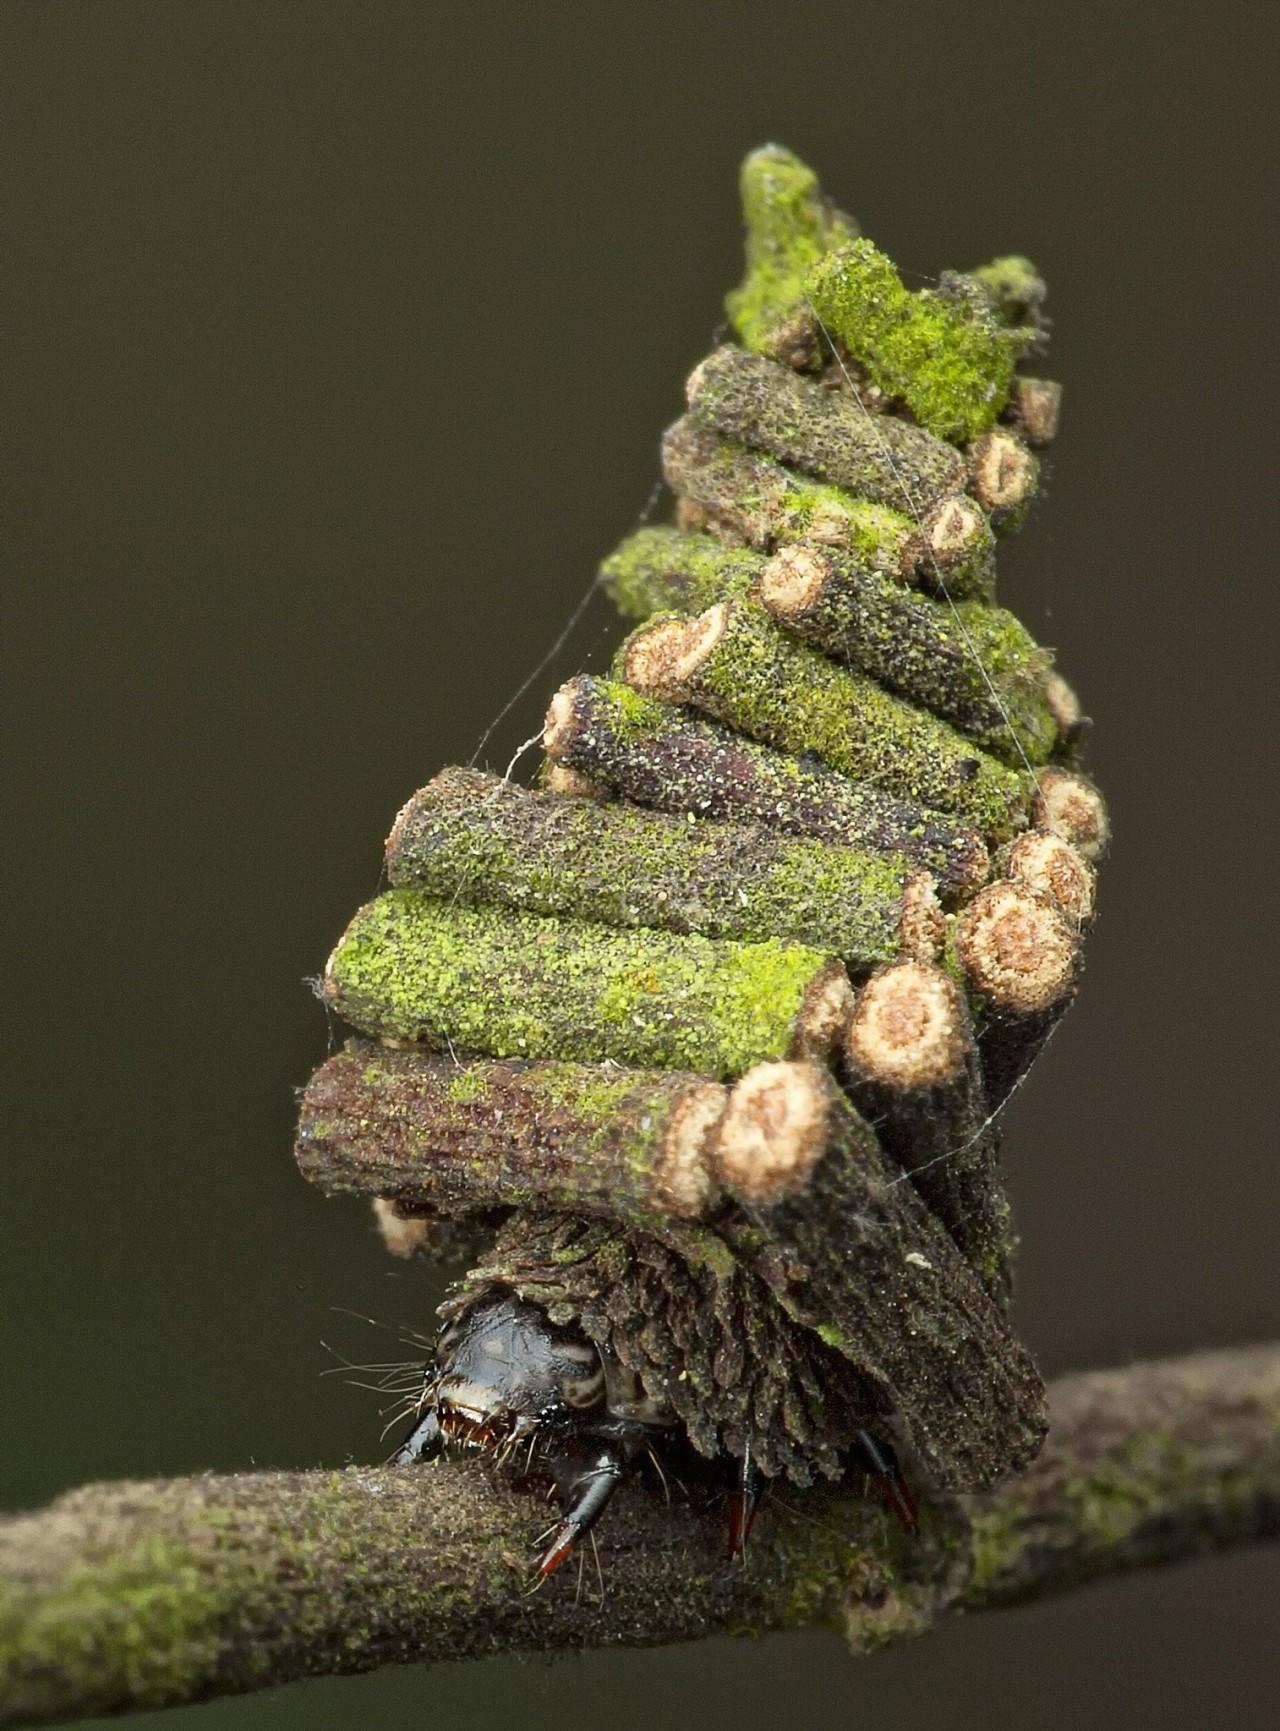 Гусеница мешочница и её домик. Фотографы Мелвин Йео, Ник Бэй